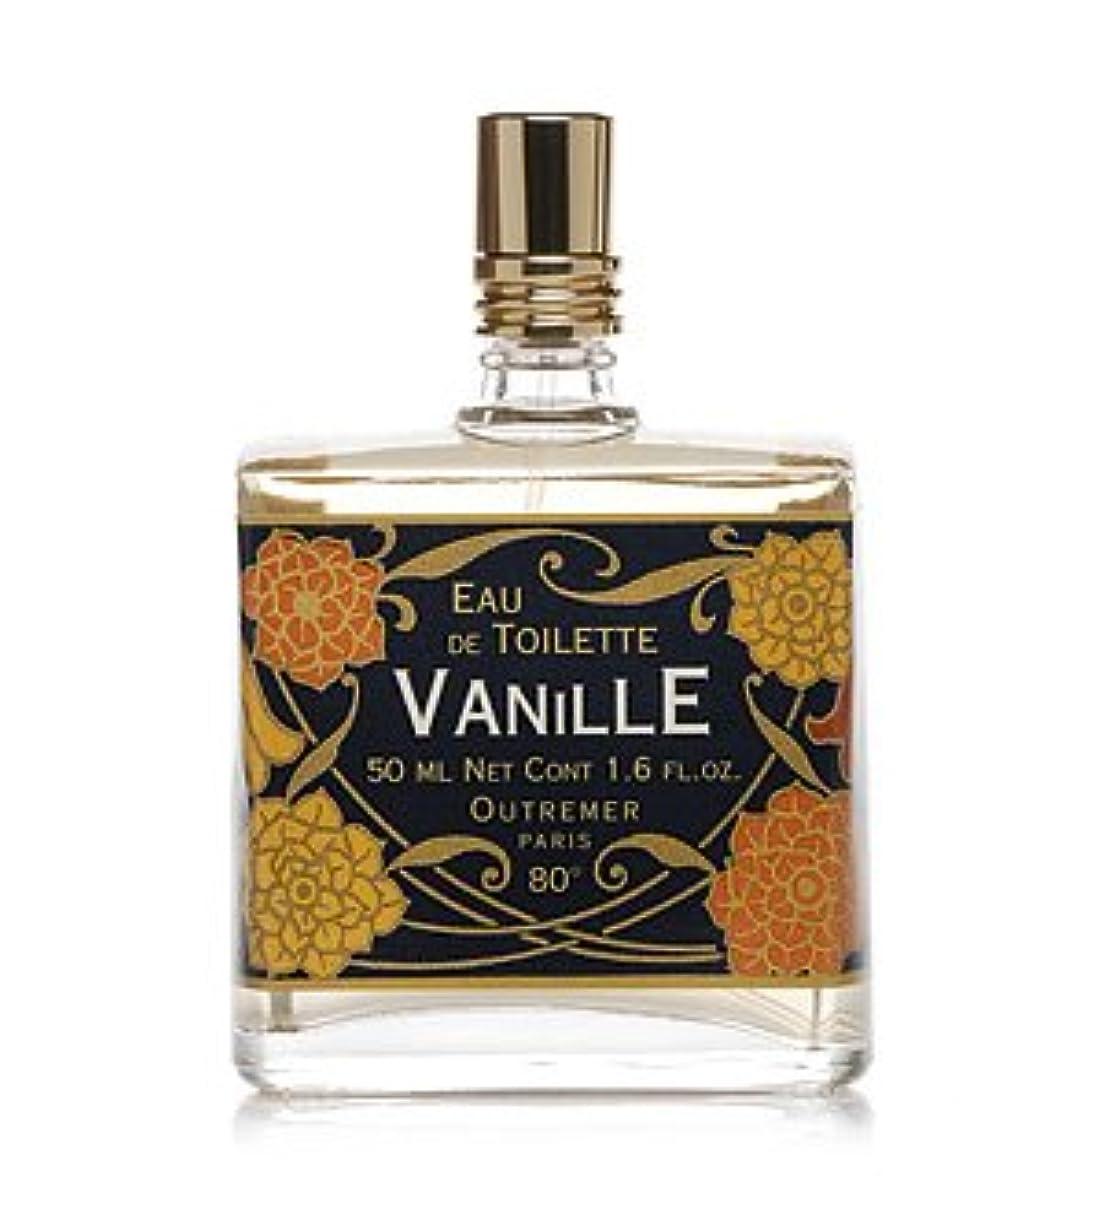 イブニング口実裸L'Aromarine - Vanille (アロマリン バニール) 1.6 oz (50ml) EDT Spray